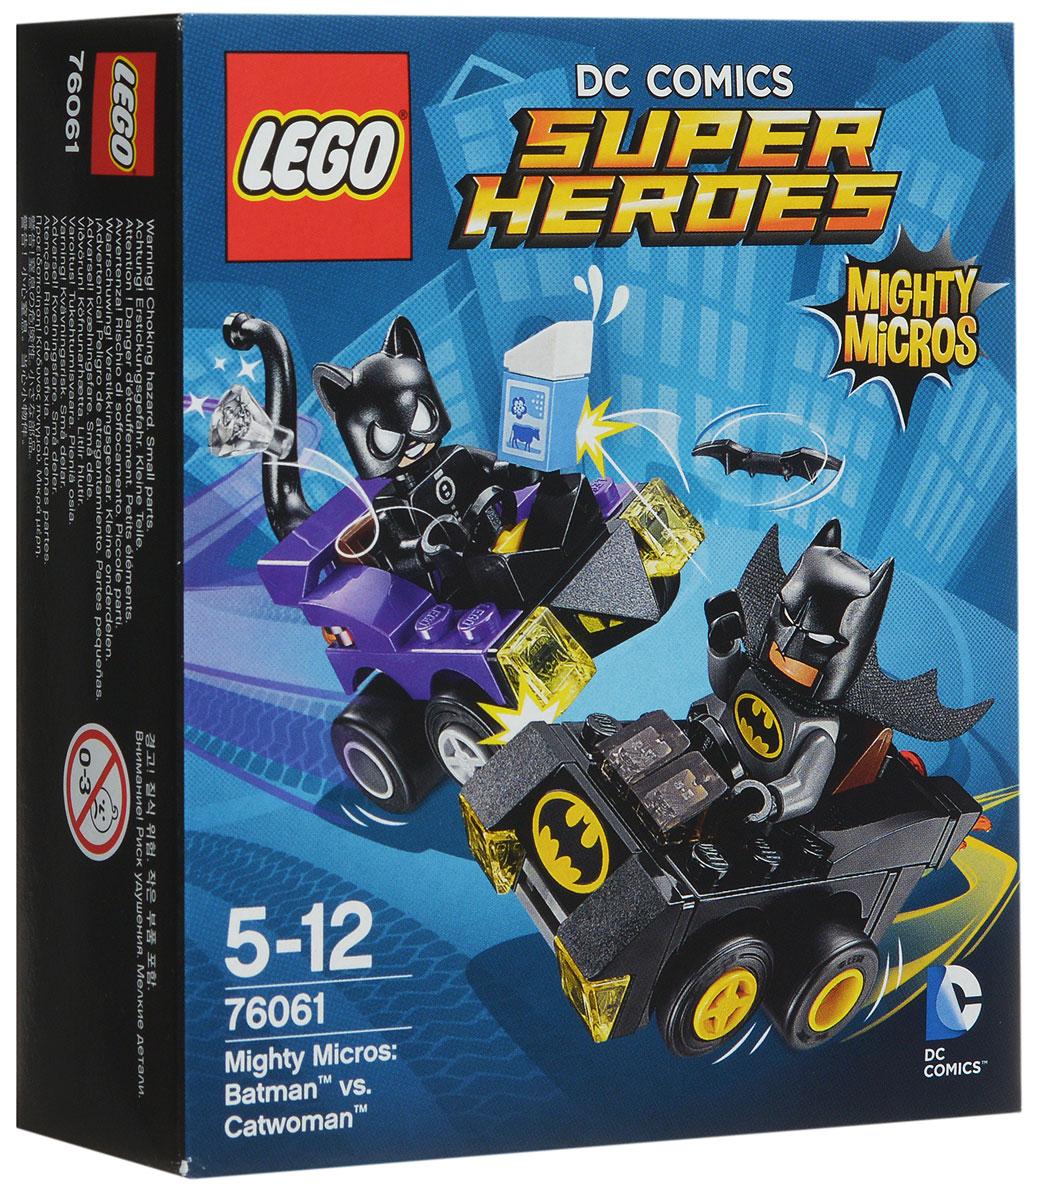 LEGO Super Heroes Конструктор Бэтмен против Женщины-кошки 7606176061Женщина-кошка похитила молоко и бриллиант и скрывается на своем кошачьем автомобиле. Летите за ней в погоню на Бэтмобиле. Запустите Батаранг и не дайте воришке ускользнуть! Набор включает в себя 79 разноцветных пластиковых элементов. Конструктор - это один из самых увлекательных и веселых способов времяпрепровождения. Ребенок сможет часами играть с конструктором, придумывая различные ситуации и истории.